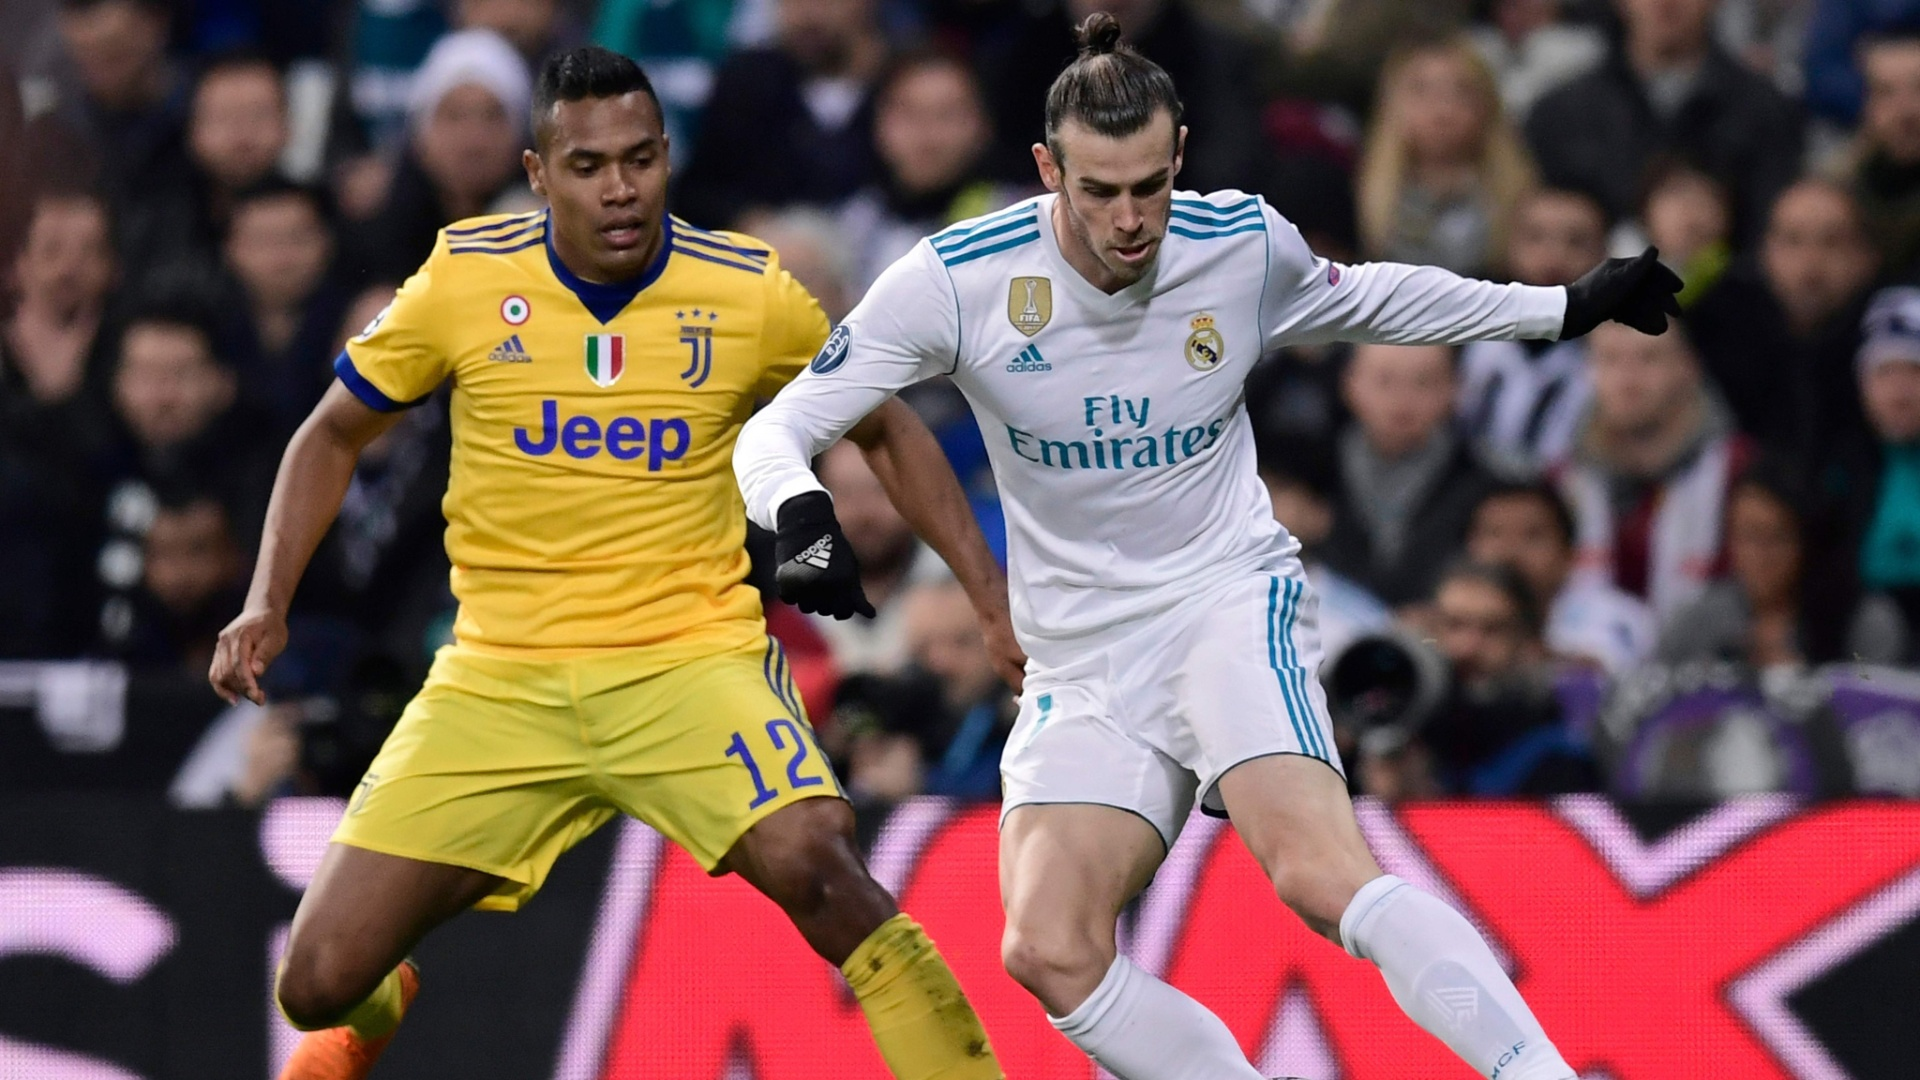 Gareth Bale tenta passar pela marcação de Alex Sandro, durante a partida entre Juventus e Real Madrid